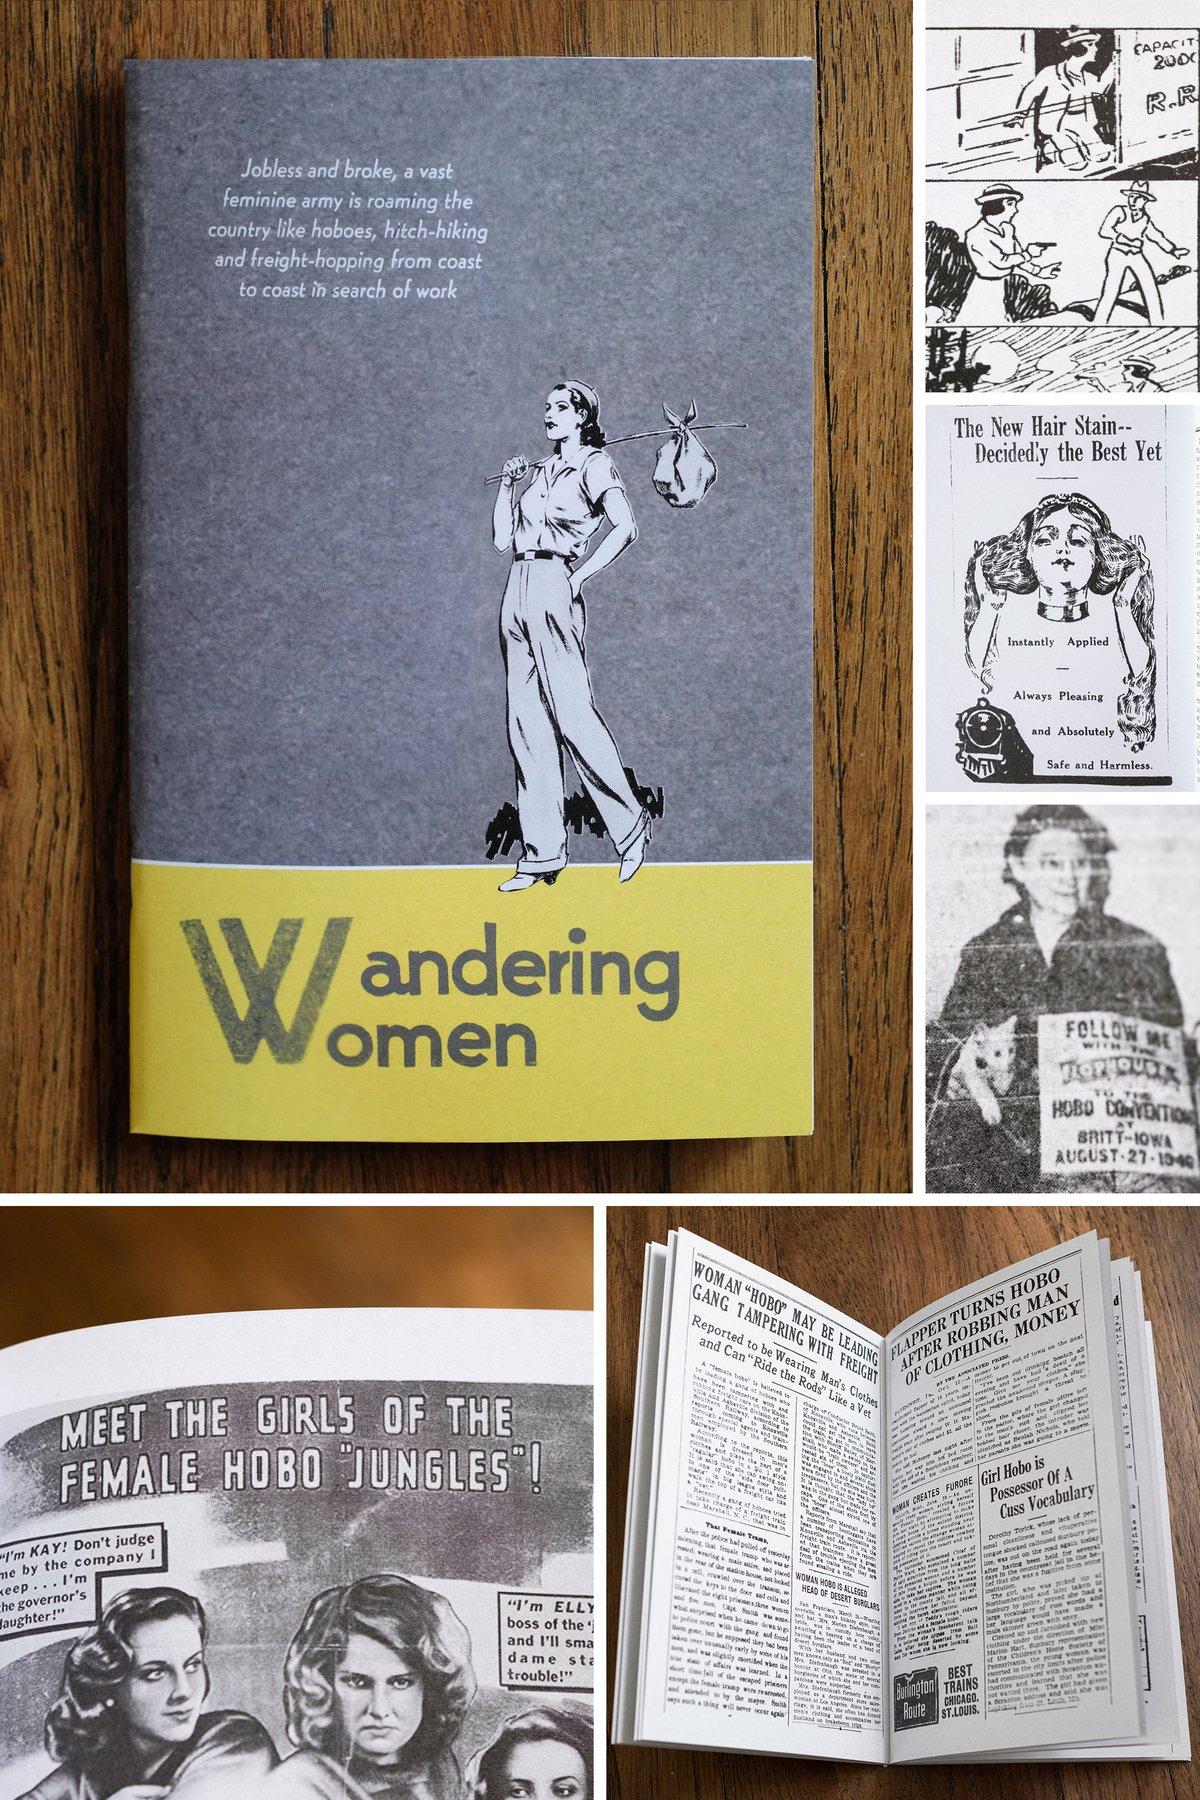 Wandering Women (zine)